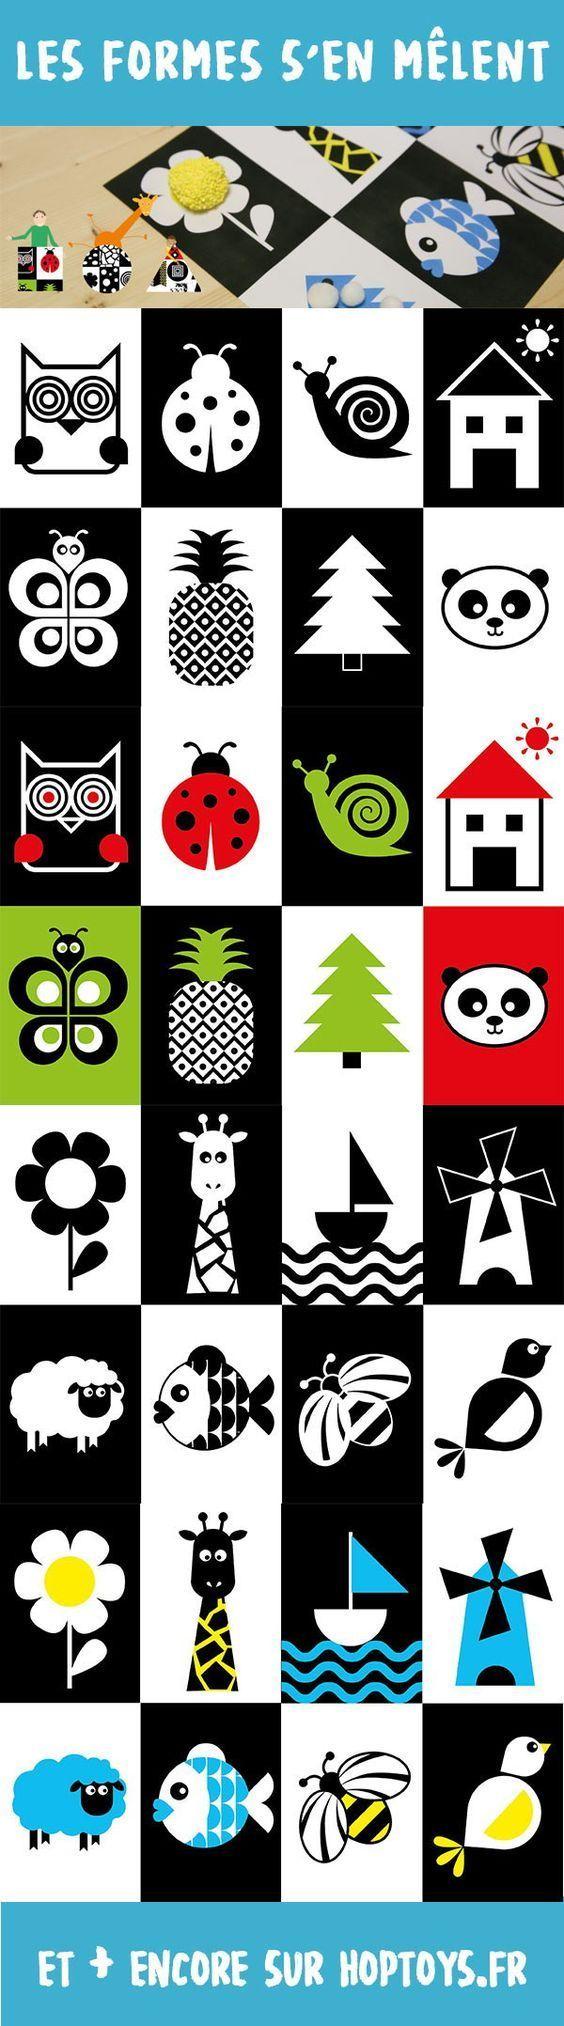 """Kit d'activités """"Les formes s'en mêlent""""Partenaire de La Grande Semaine de la Petite enfance, Hop'Toys a imaginé sur la thématique """"Tout bouge"""" proposée cette année, toute une série d'activités autour de formes contrastées.Retrouver les premiers motifs sur les animaux ou les objets, recouvrir les formes de différentes matières pour une exploration tactile,"""